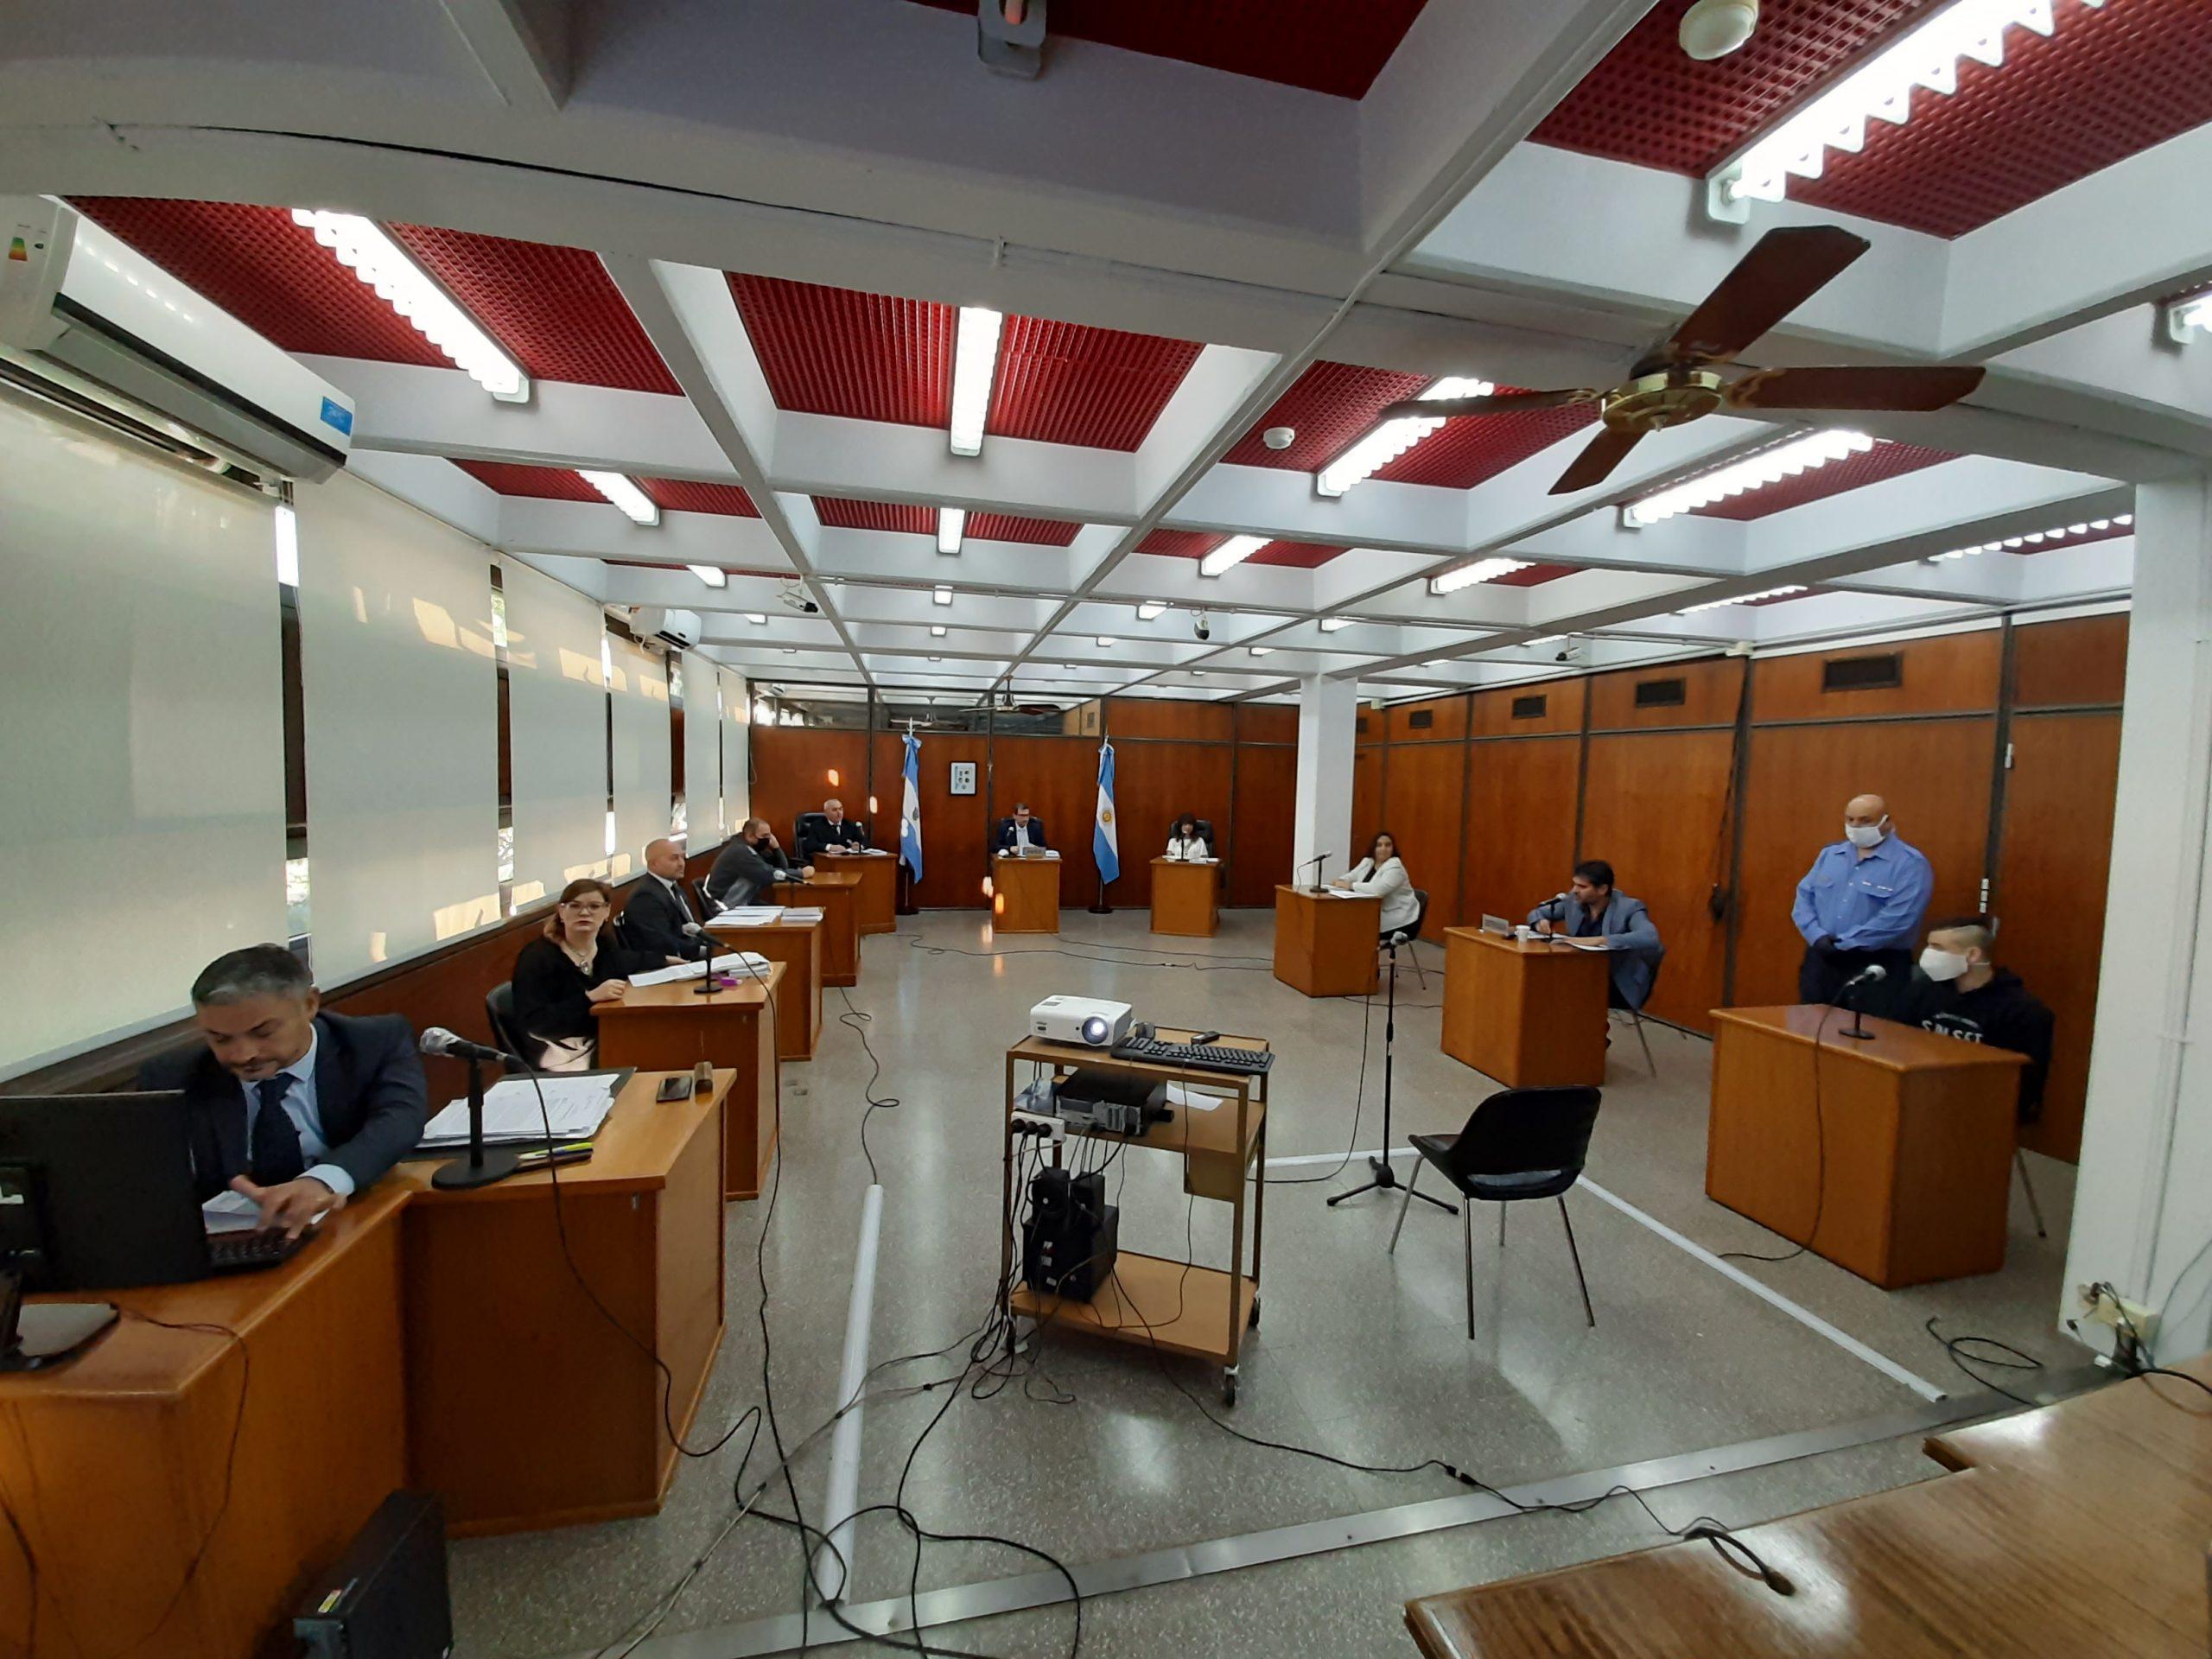 Juicio por el femicidio de Valeria Coggiola: el acusado 2 días antes le dijo a una amiga  «se me está pasando por la cabeza es ir a limpiarla»